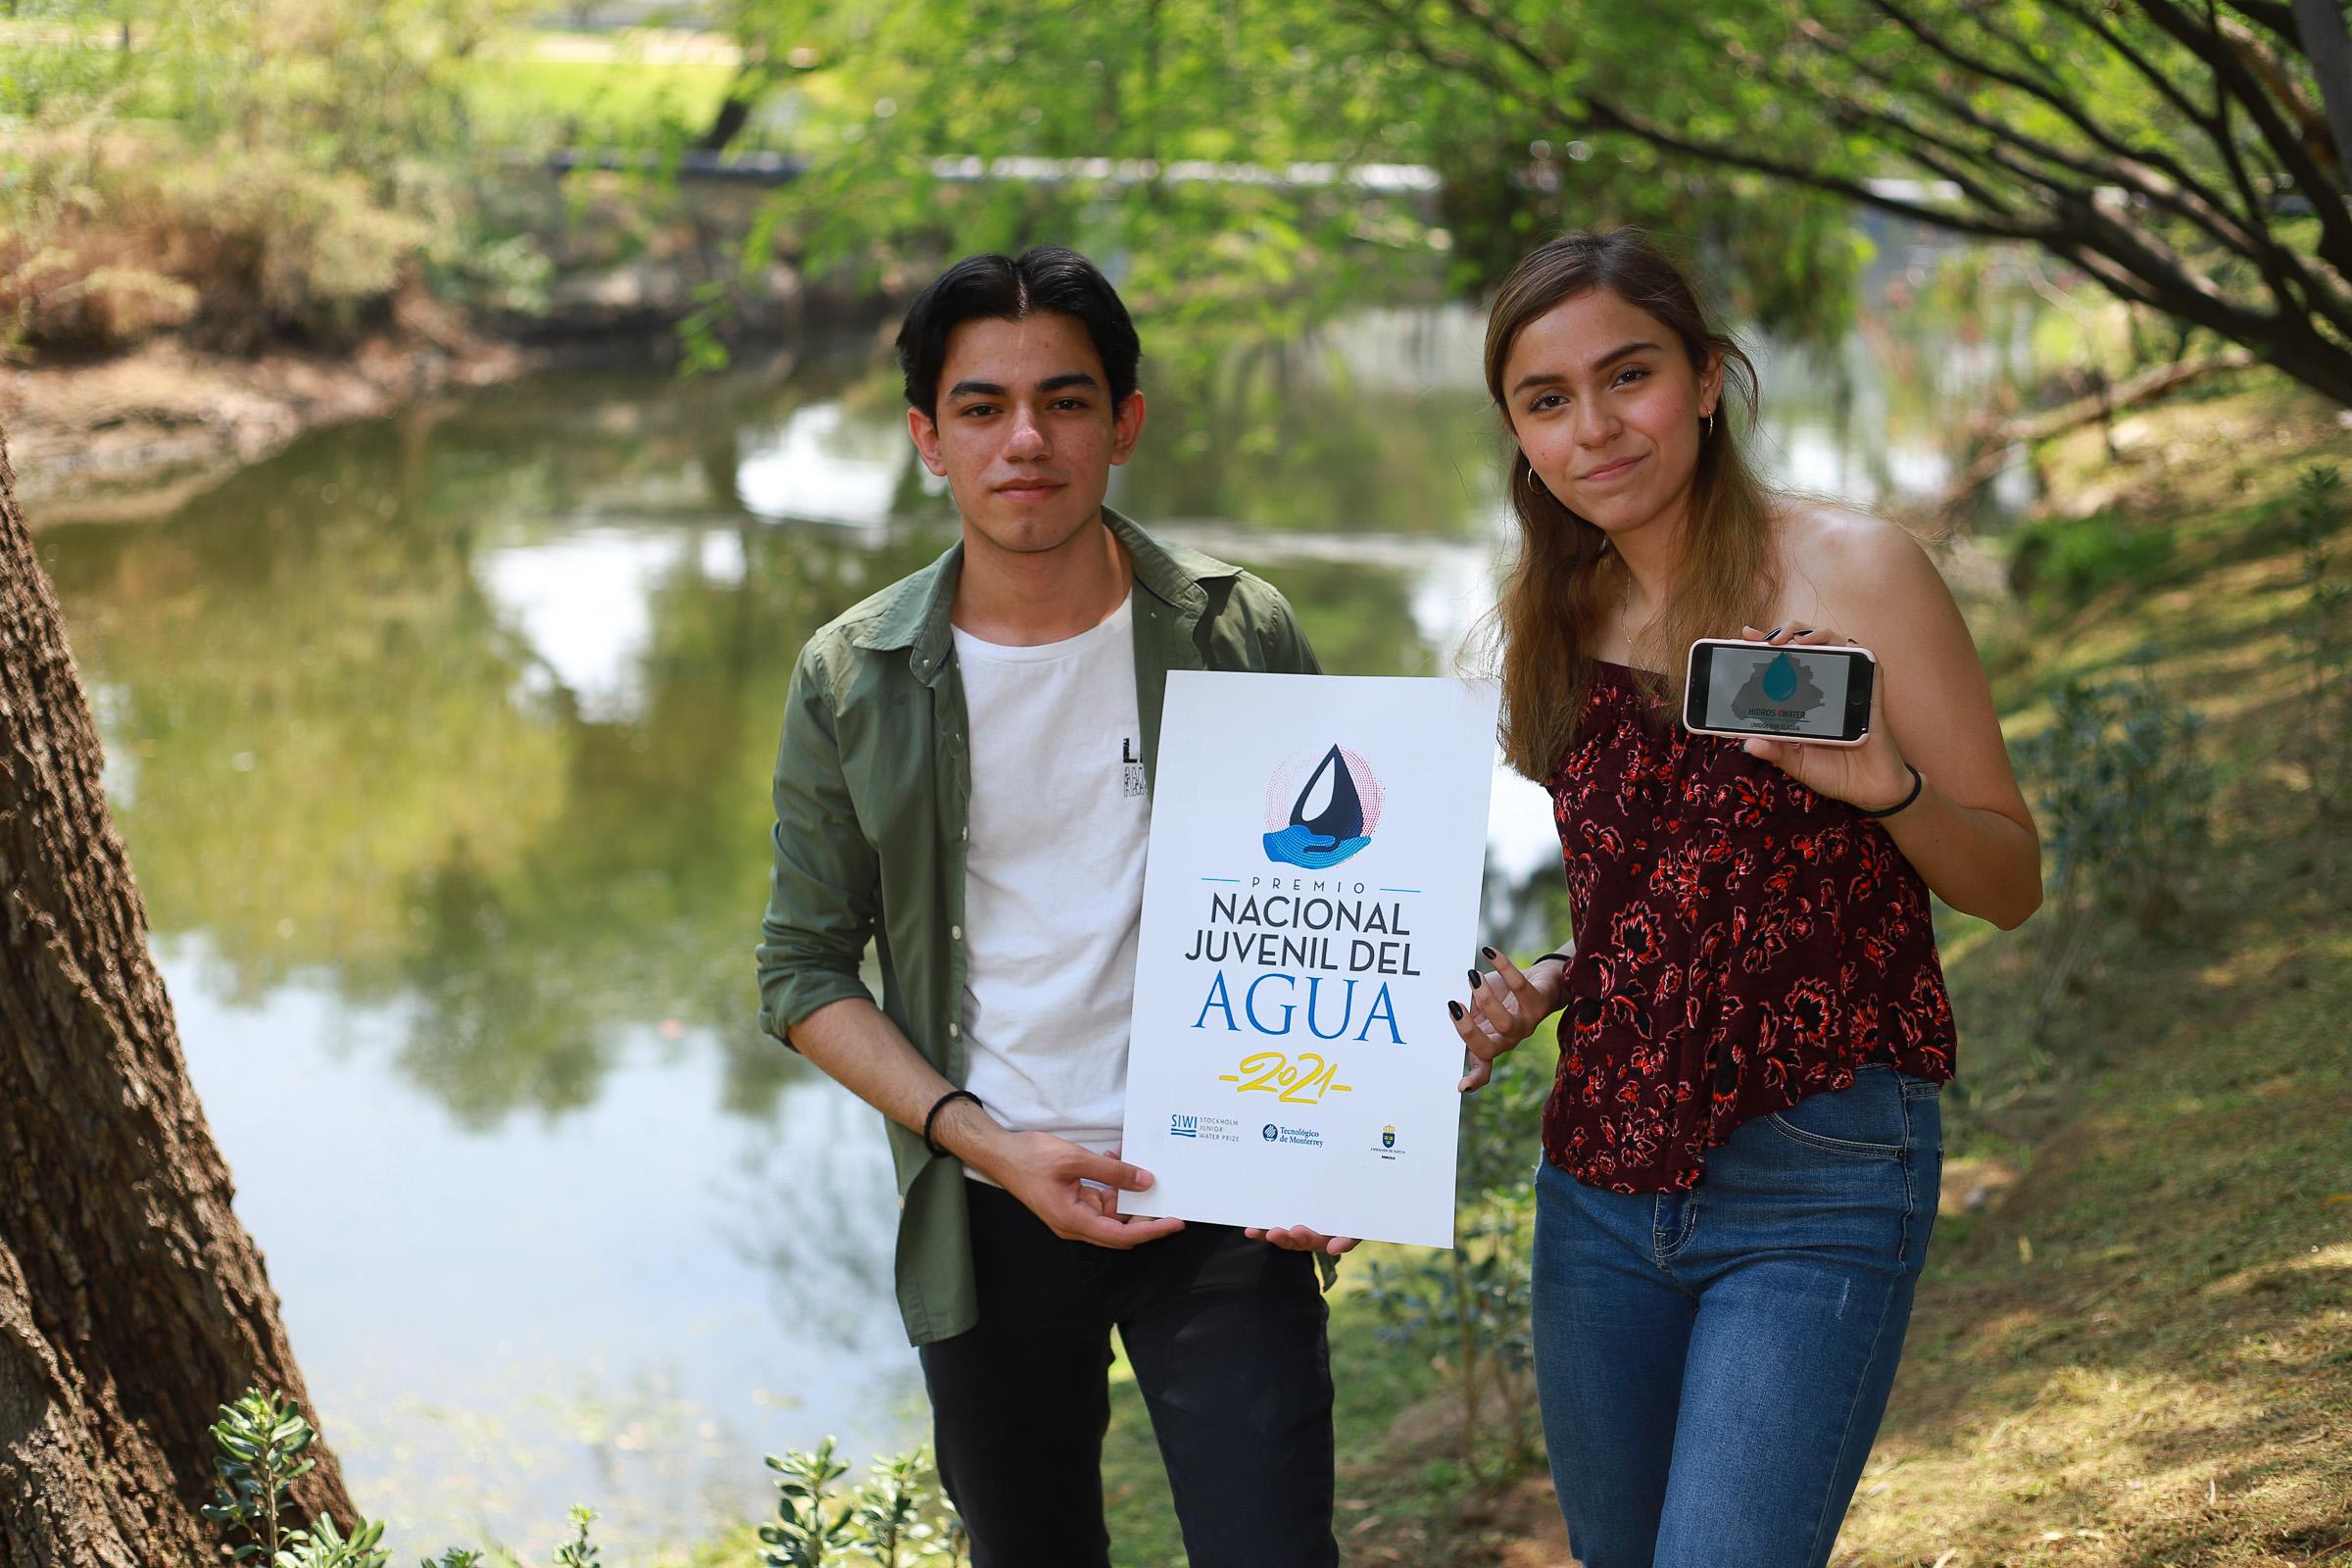 Estudiantes de Bachillerato de la UAA ganan segundo lugar en Premio Nacional del Agua 2021